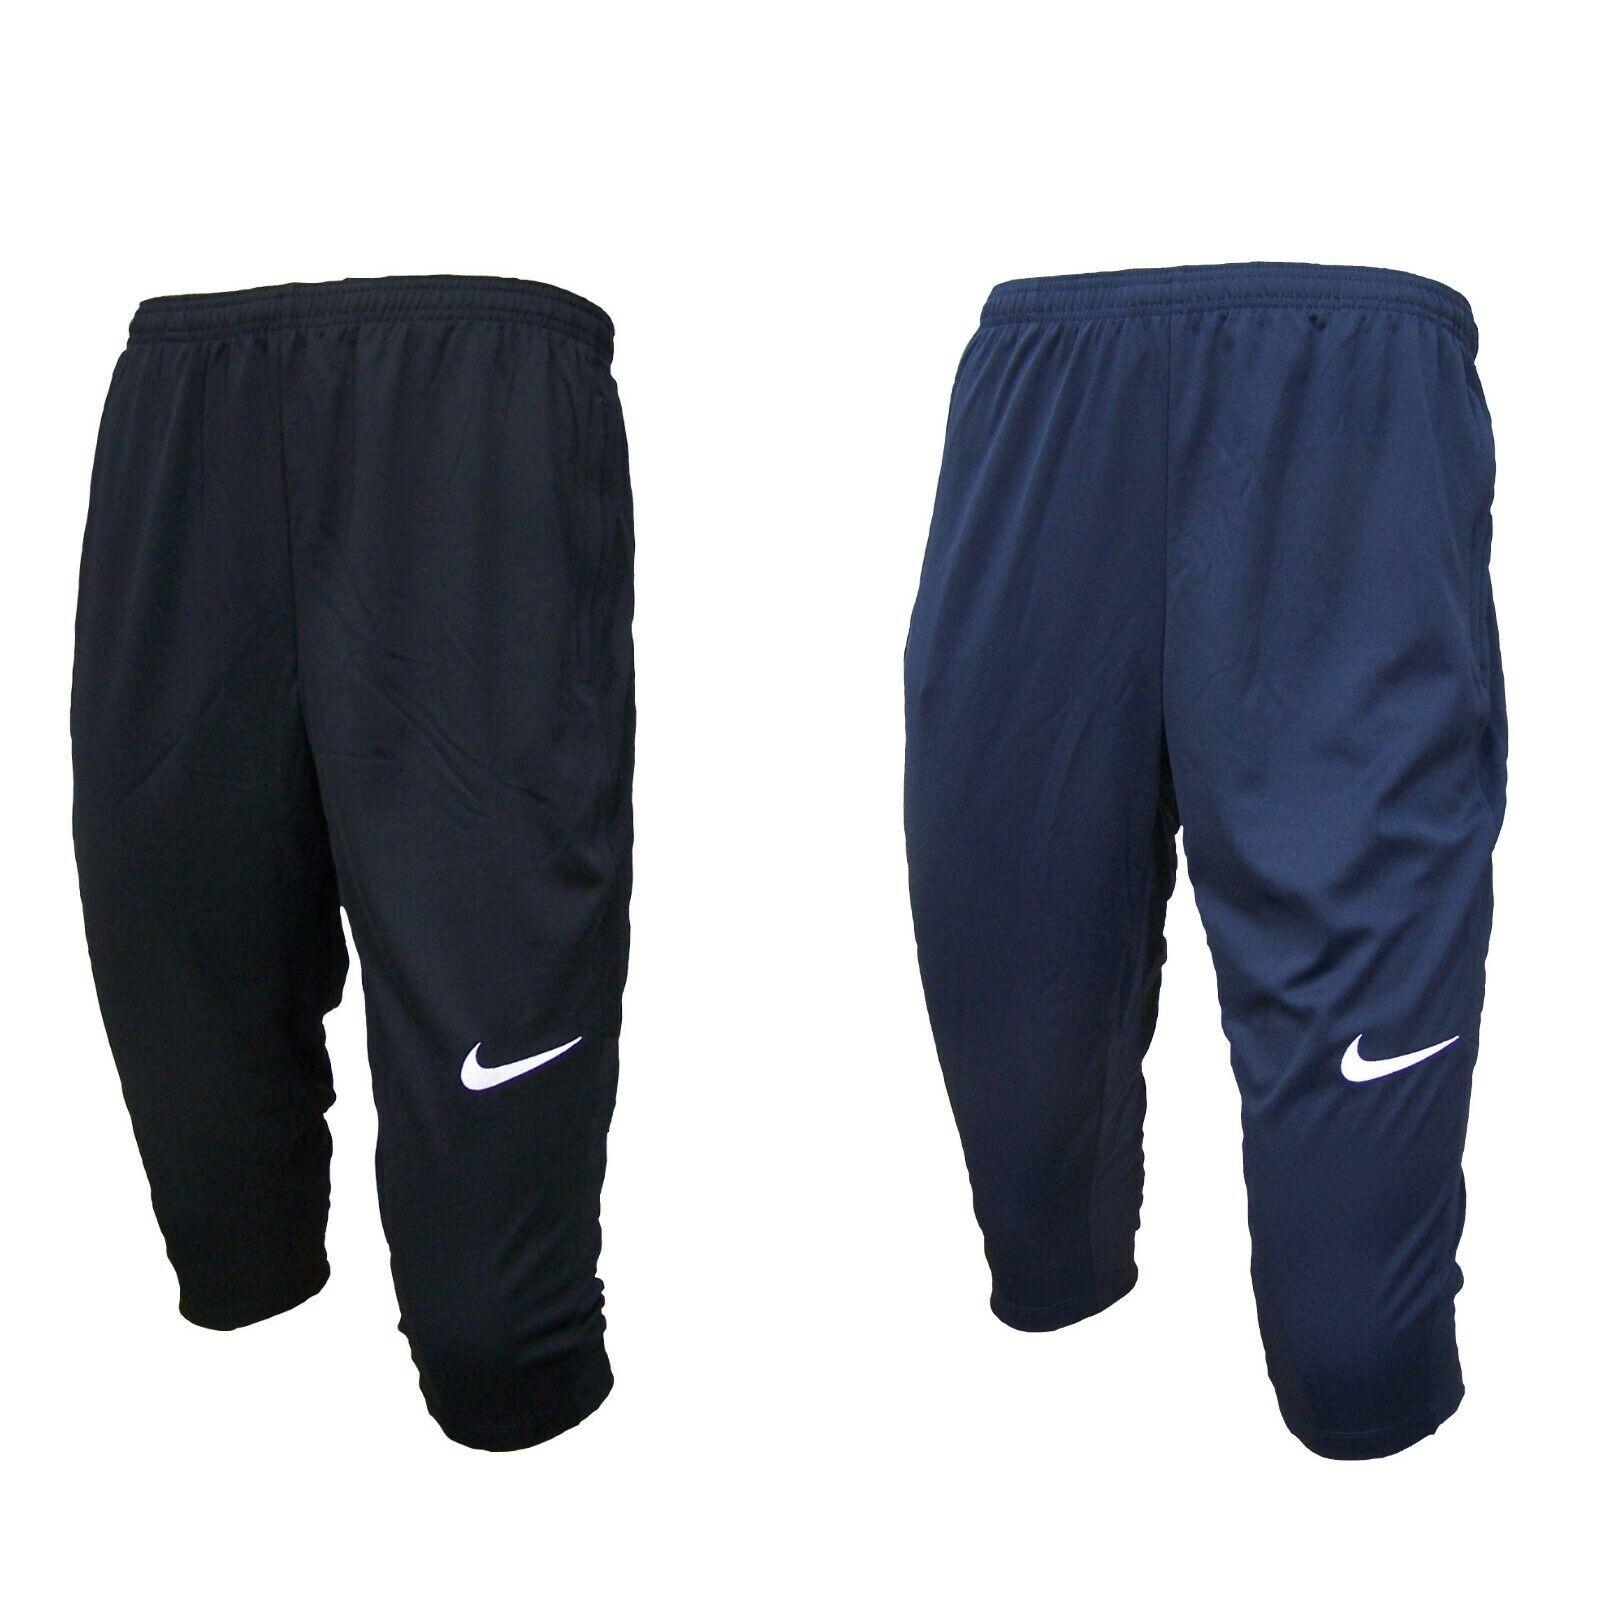 1838b541a8193f Nike 3 4 Hose Herren Jogginghose Sporthose Trainingshose verschließbare  Taschen